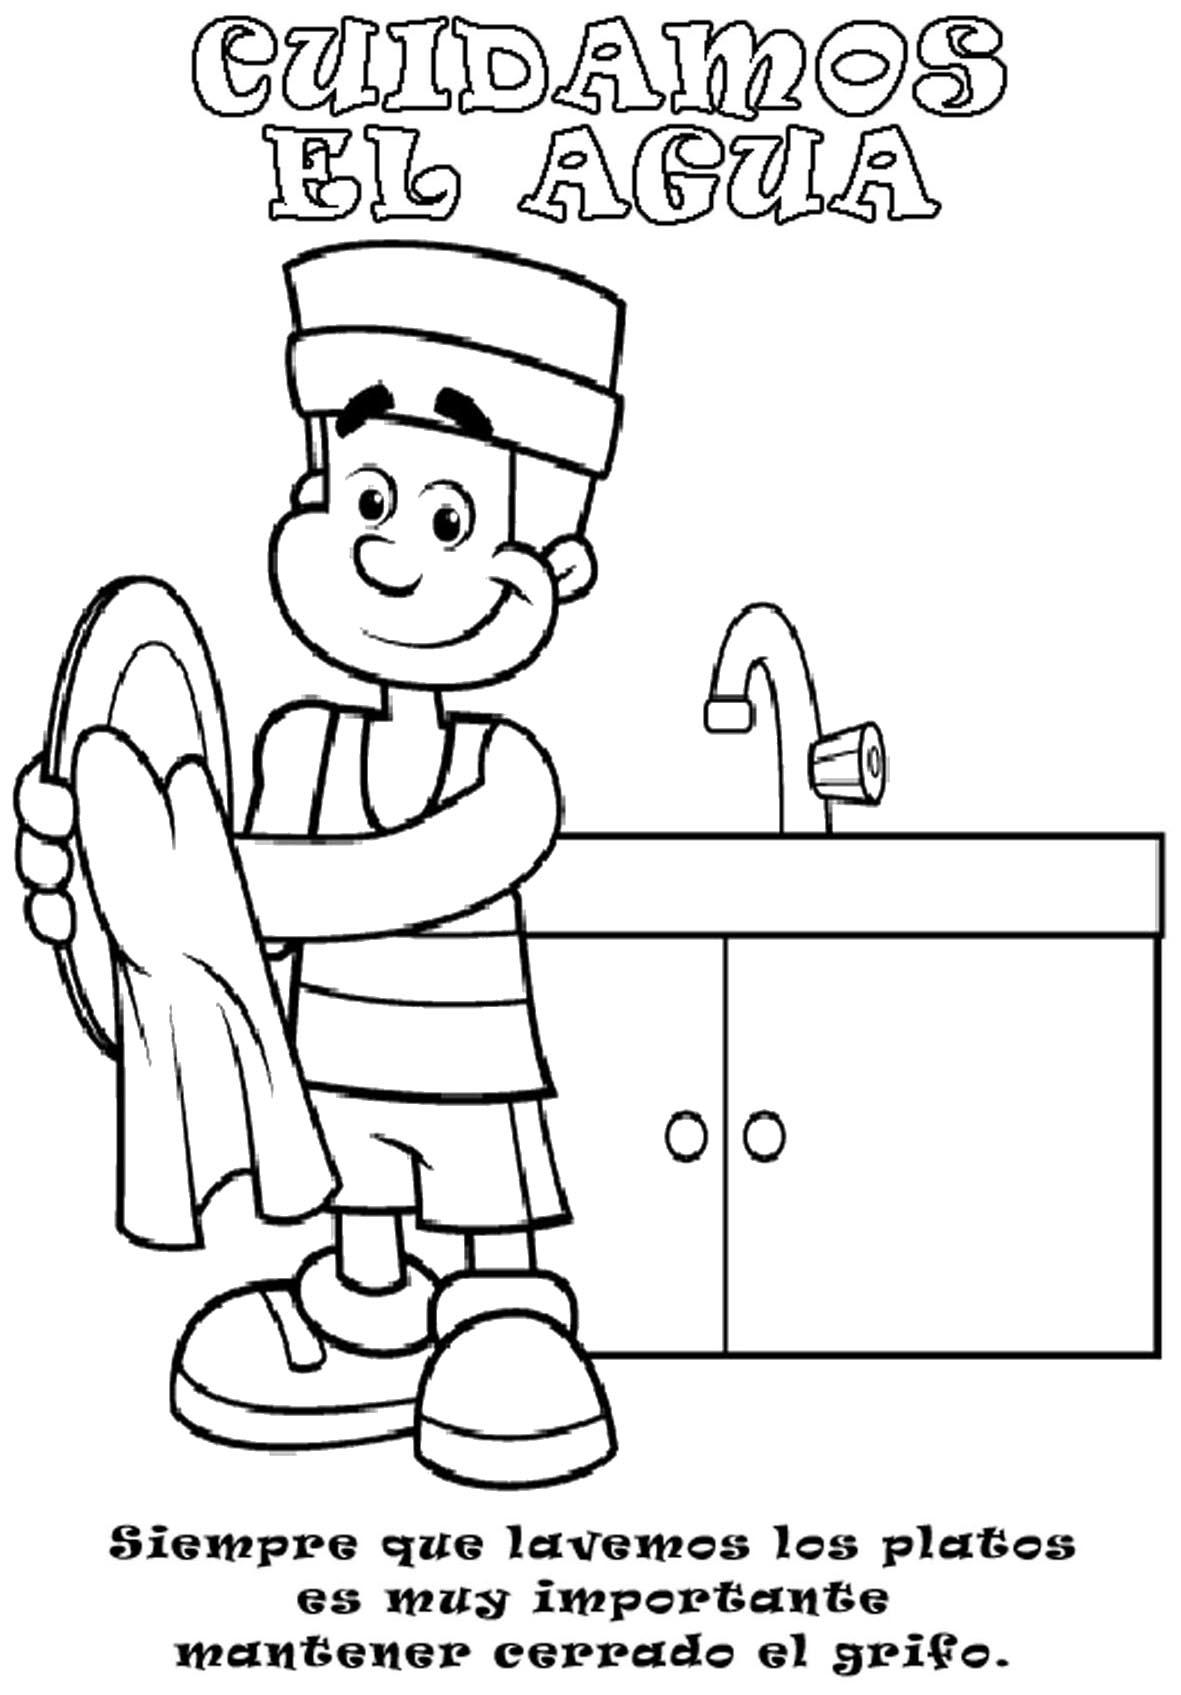 Carteles para trabajar sobre el agua - Actividades Lúdicas Educativas